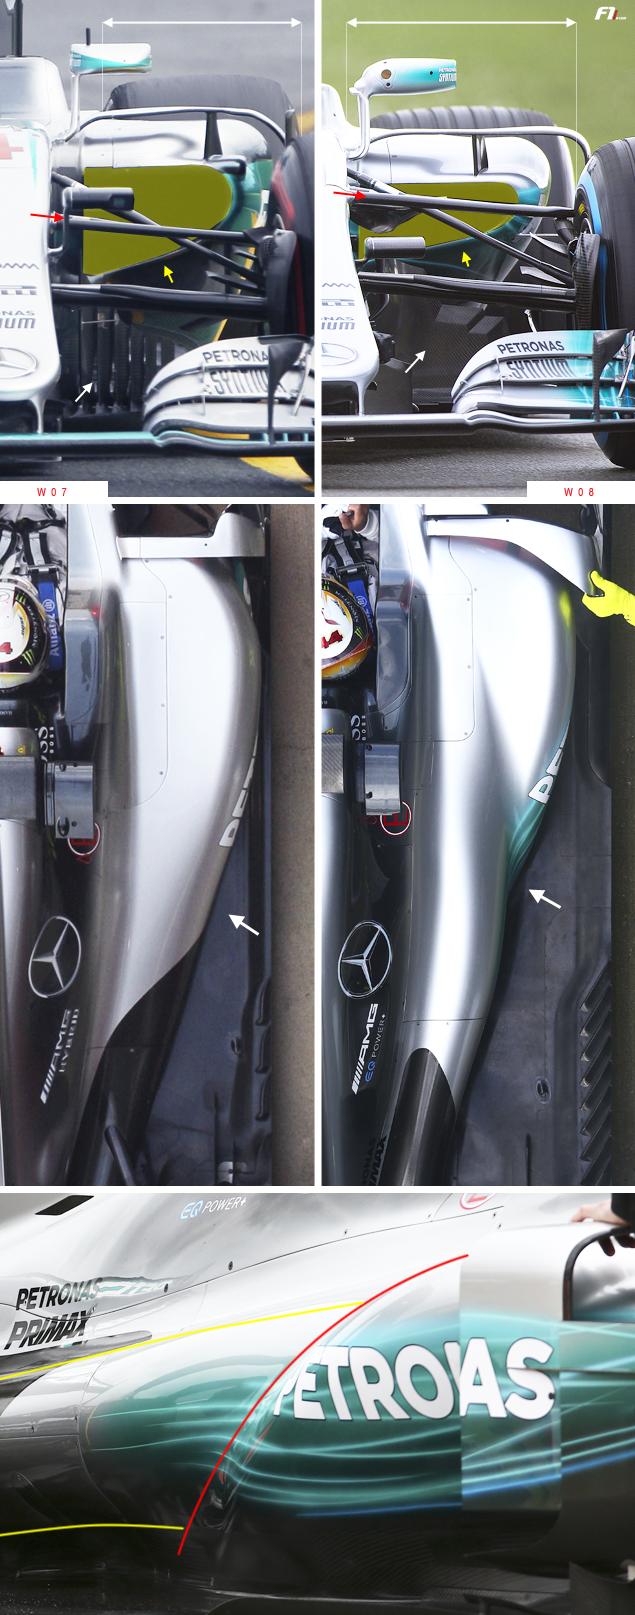 Tech F1i: A closer look at the Mercedes W08